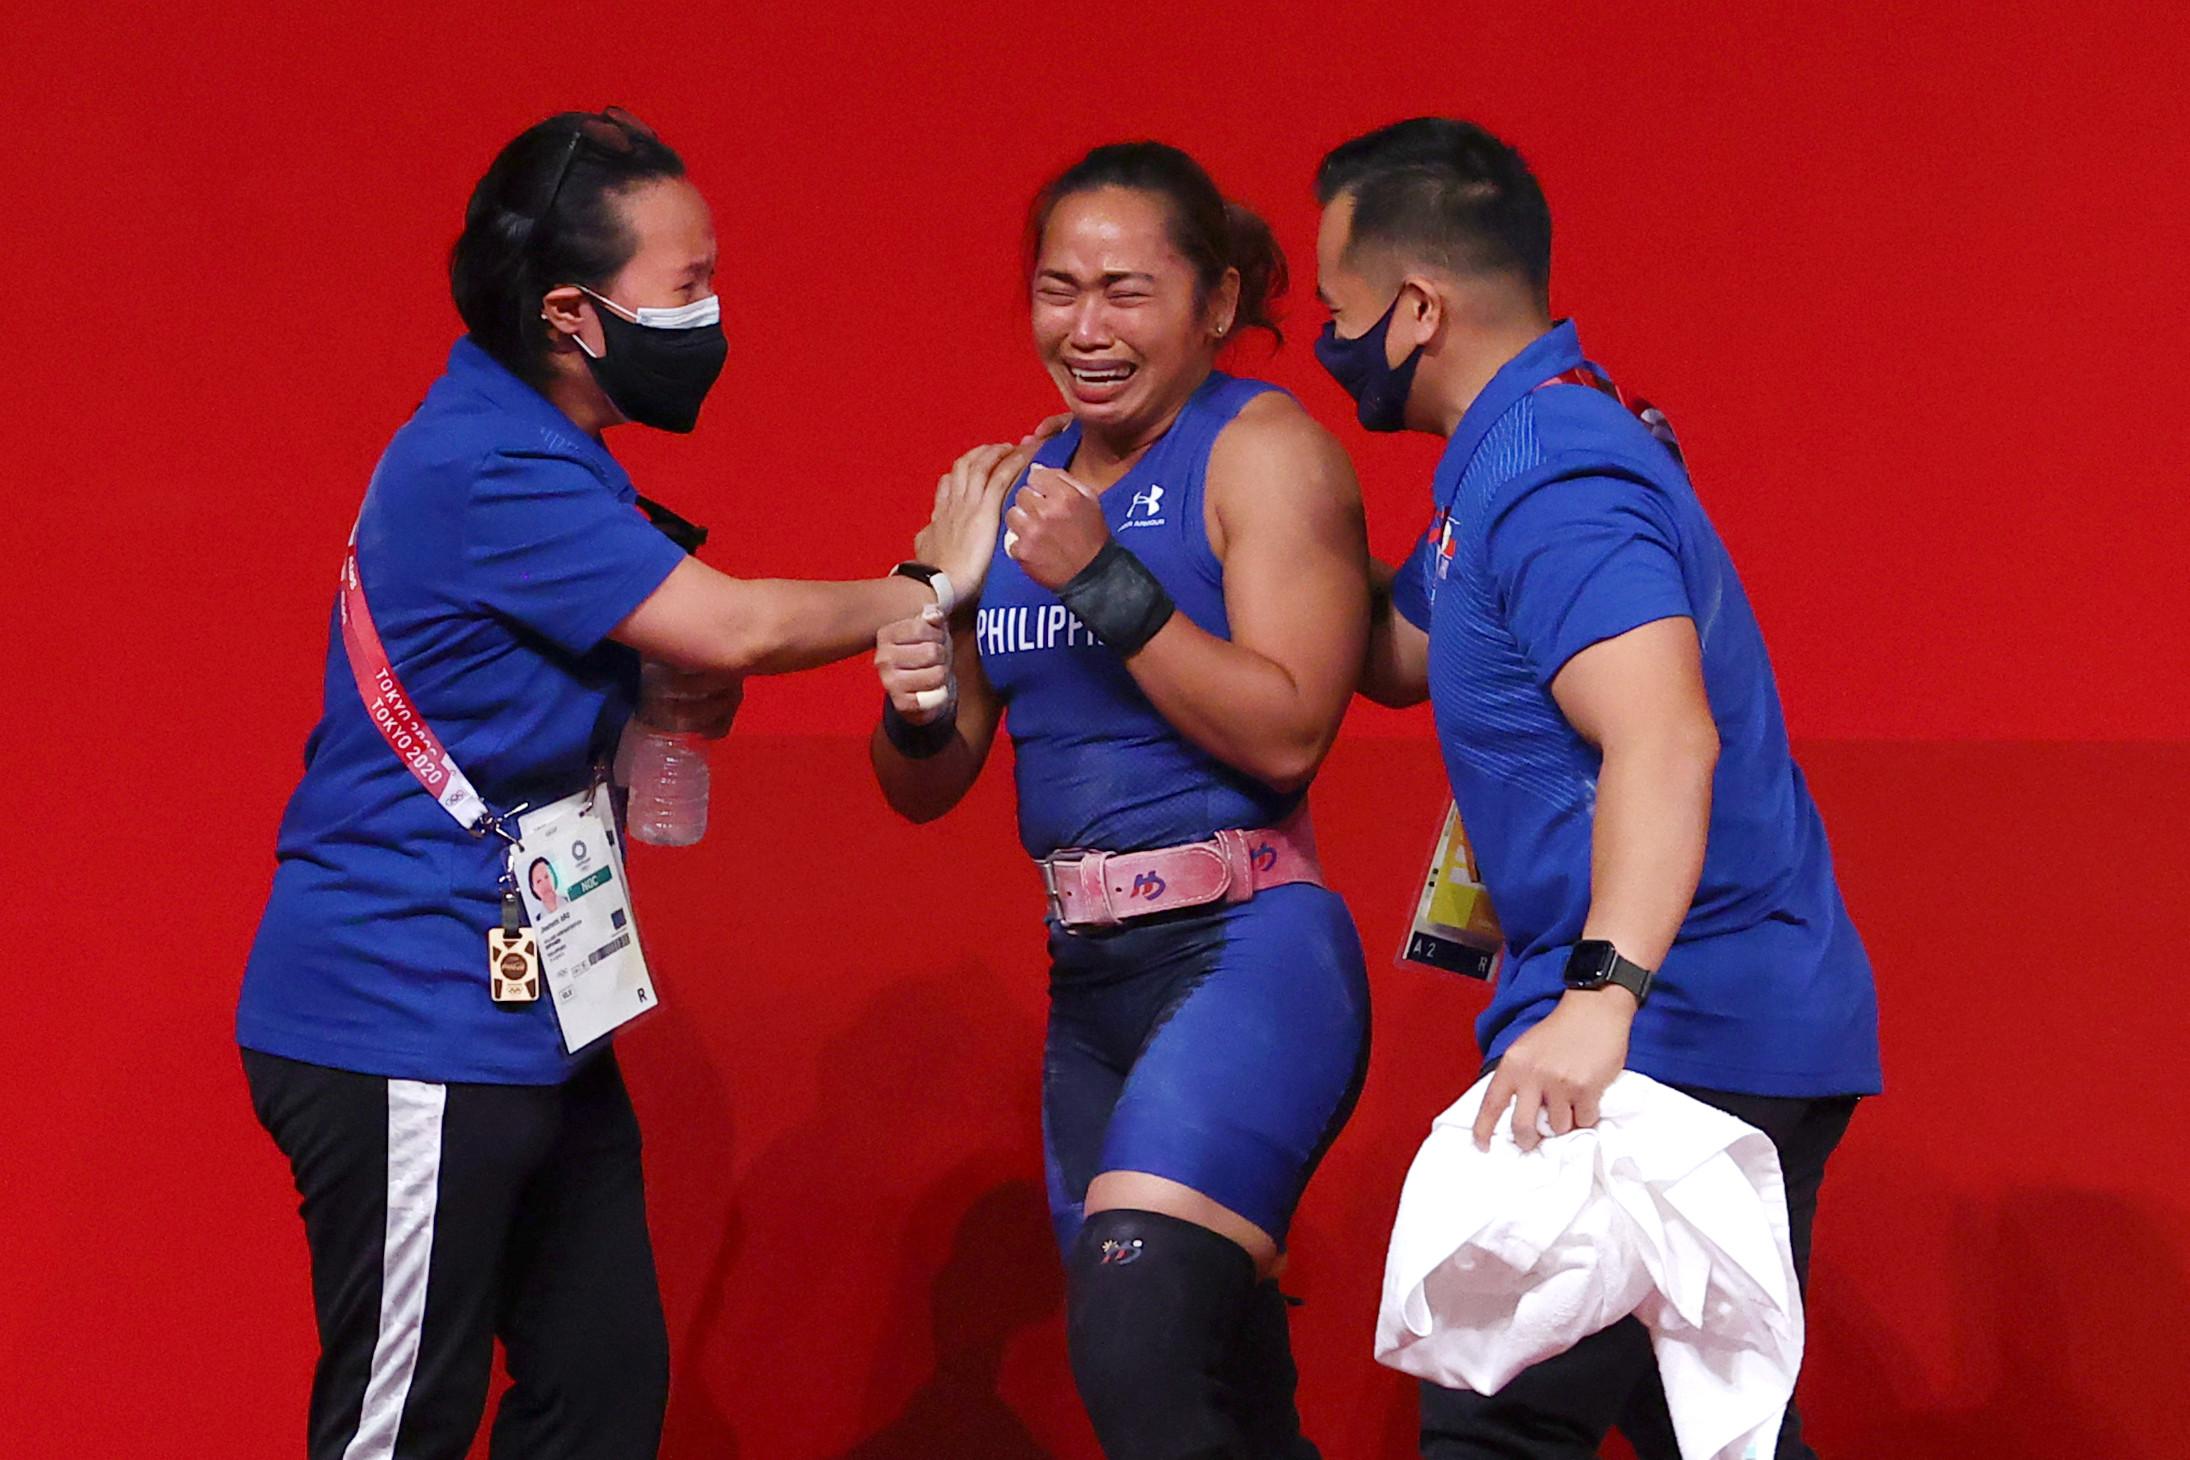 ▲▼迪亞斯在舉重項目奪牌後,指導團隊為她一同喝采。(圖/路透社)